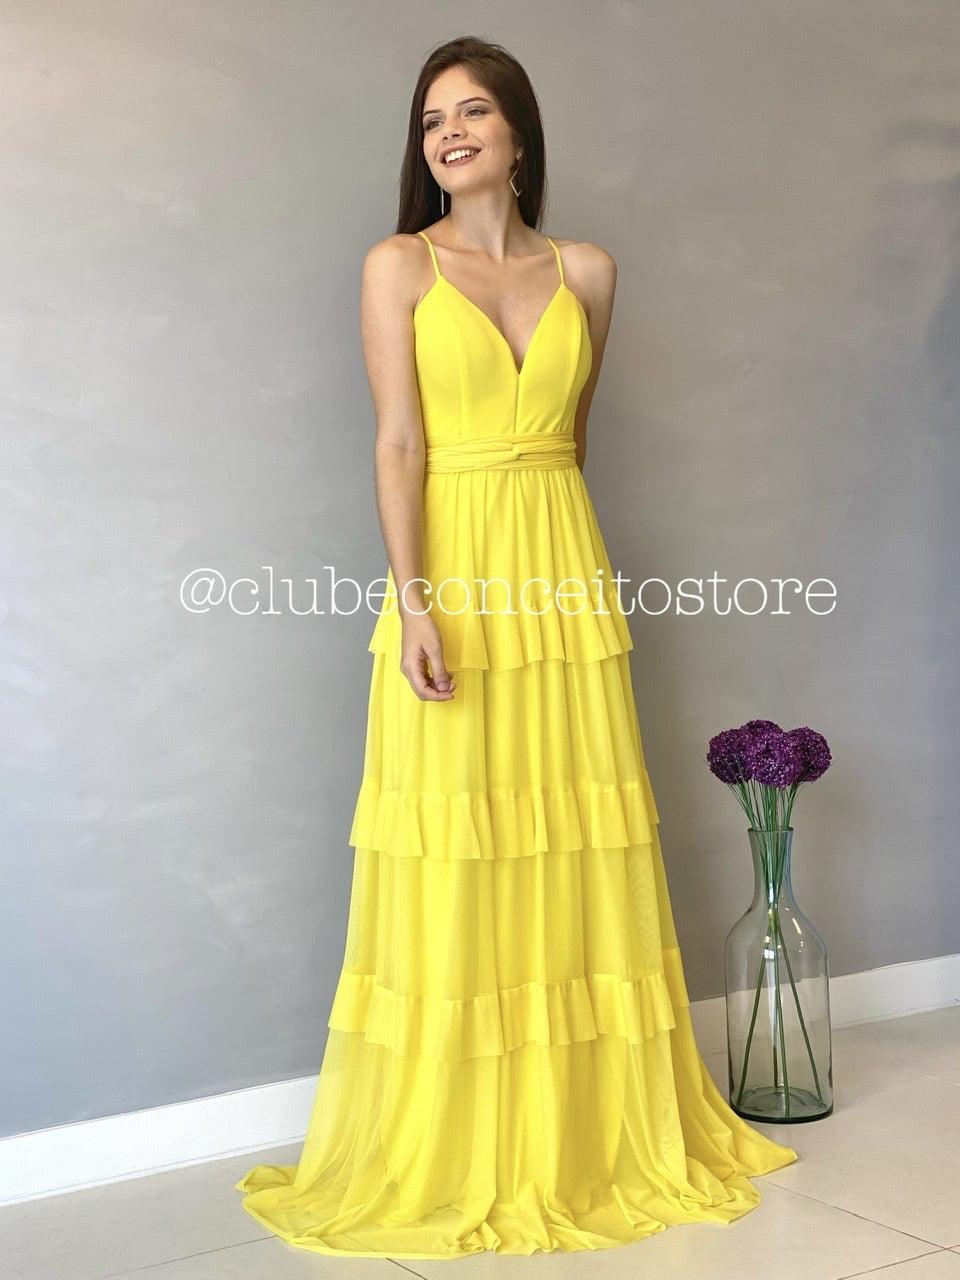 Vestido de Festa Longo Amarelo Decote em V e Saia em Camadas Madrinha, Convidada, Formanda.